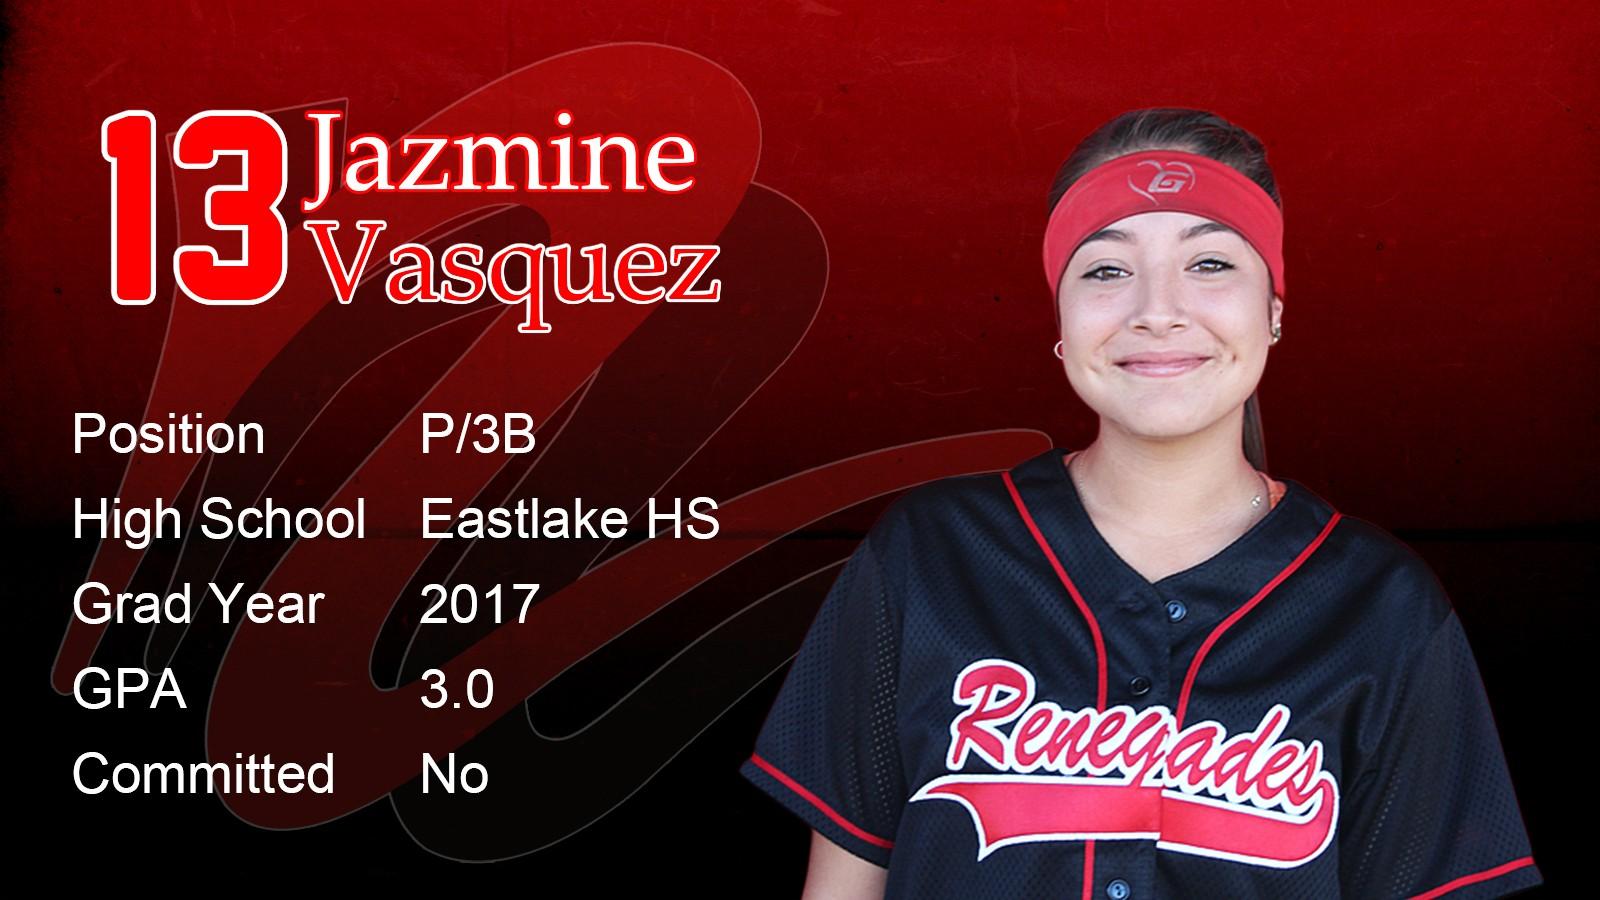 Jazmine-Vasquez